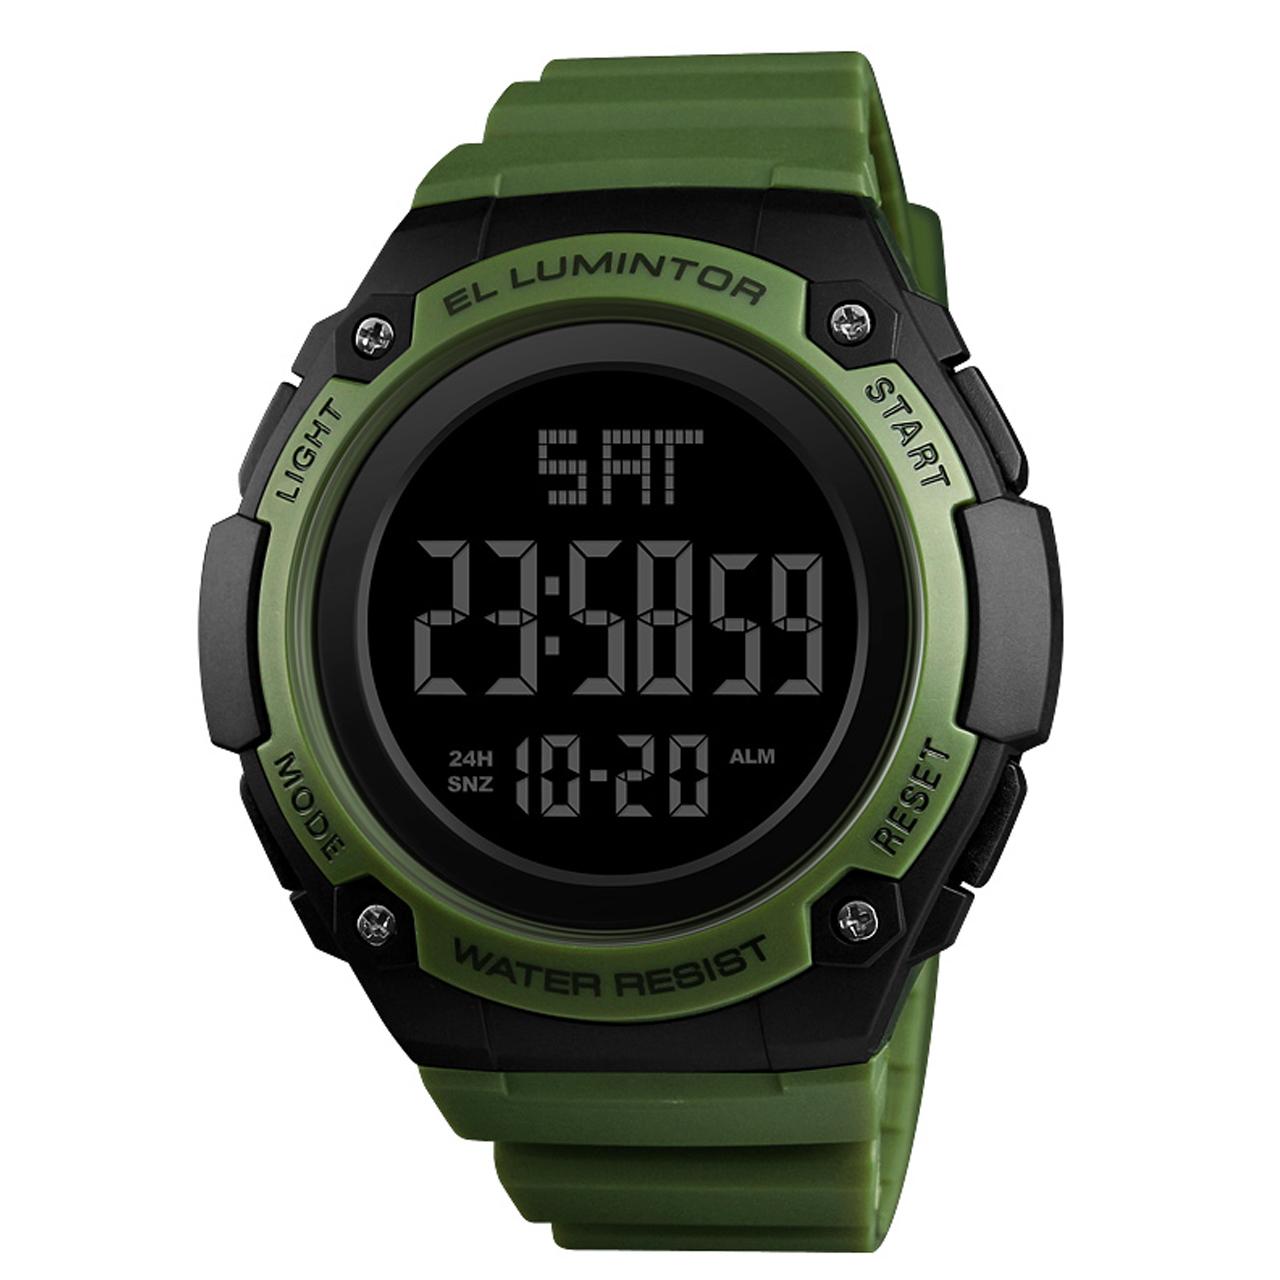 ساعت مچی دیجیتالی مردانه اسکمی مدل 1346 کد 02 11